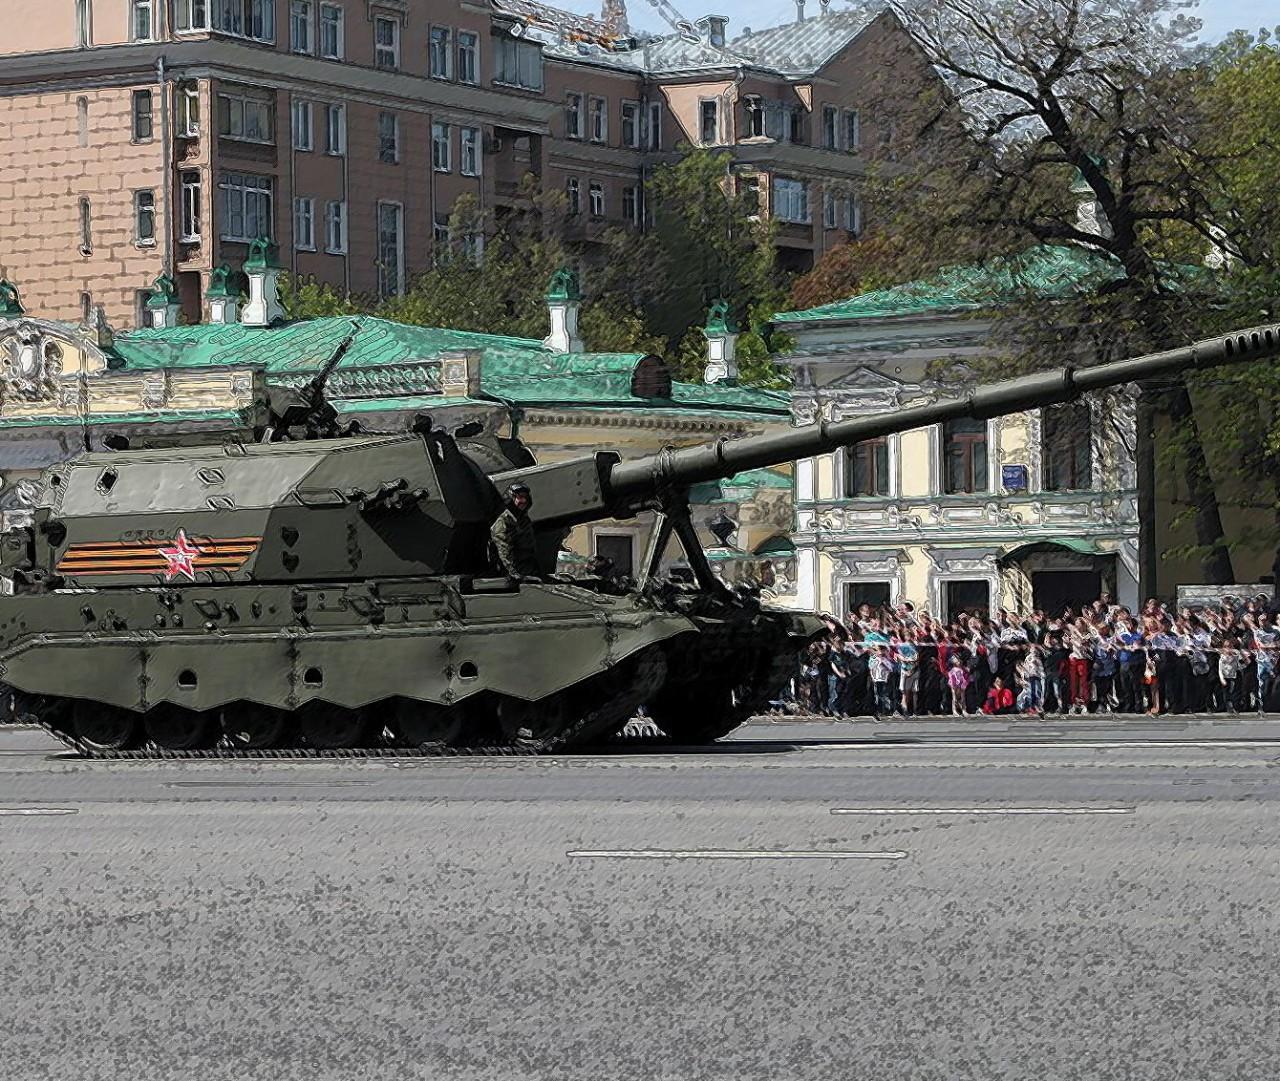 Мощная российская «Коалиция-СВ» с легкостью справится с польским «Крабом»